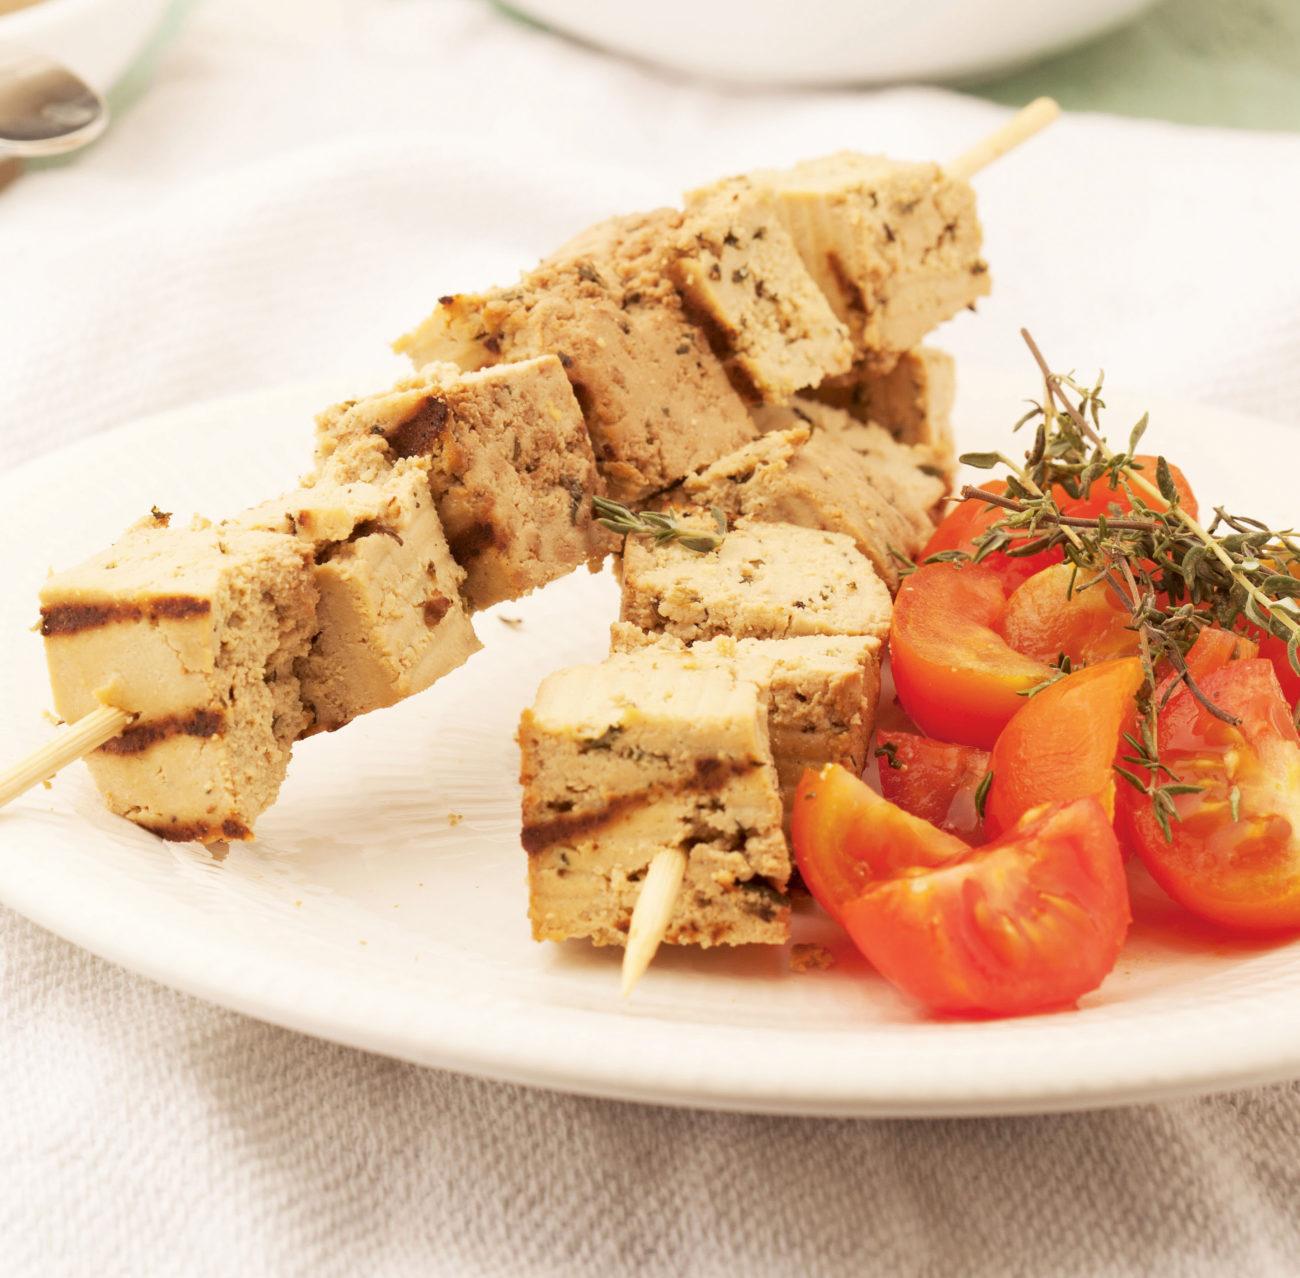 Spiedini di Tofu all'olio aromatico